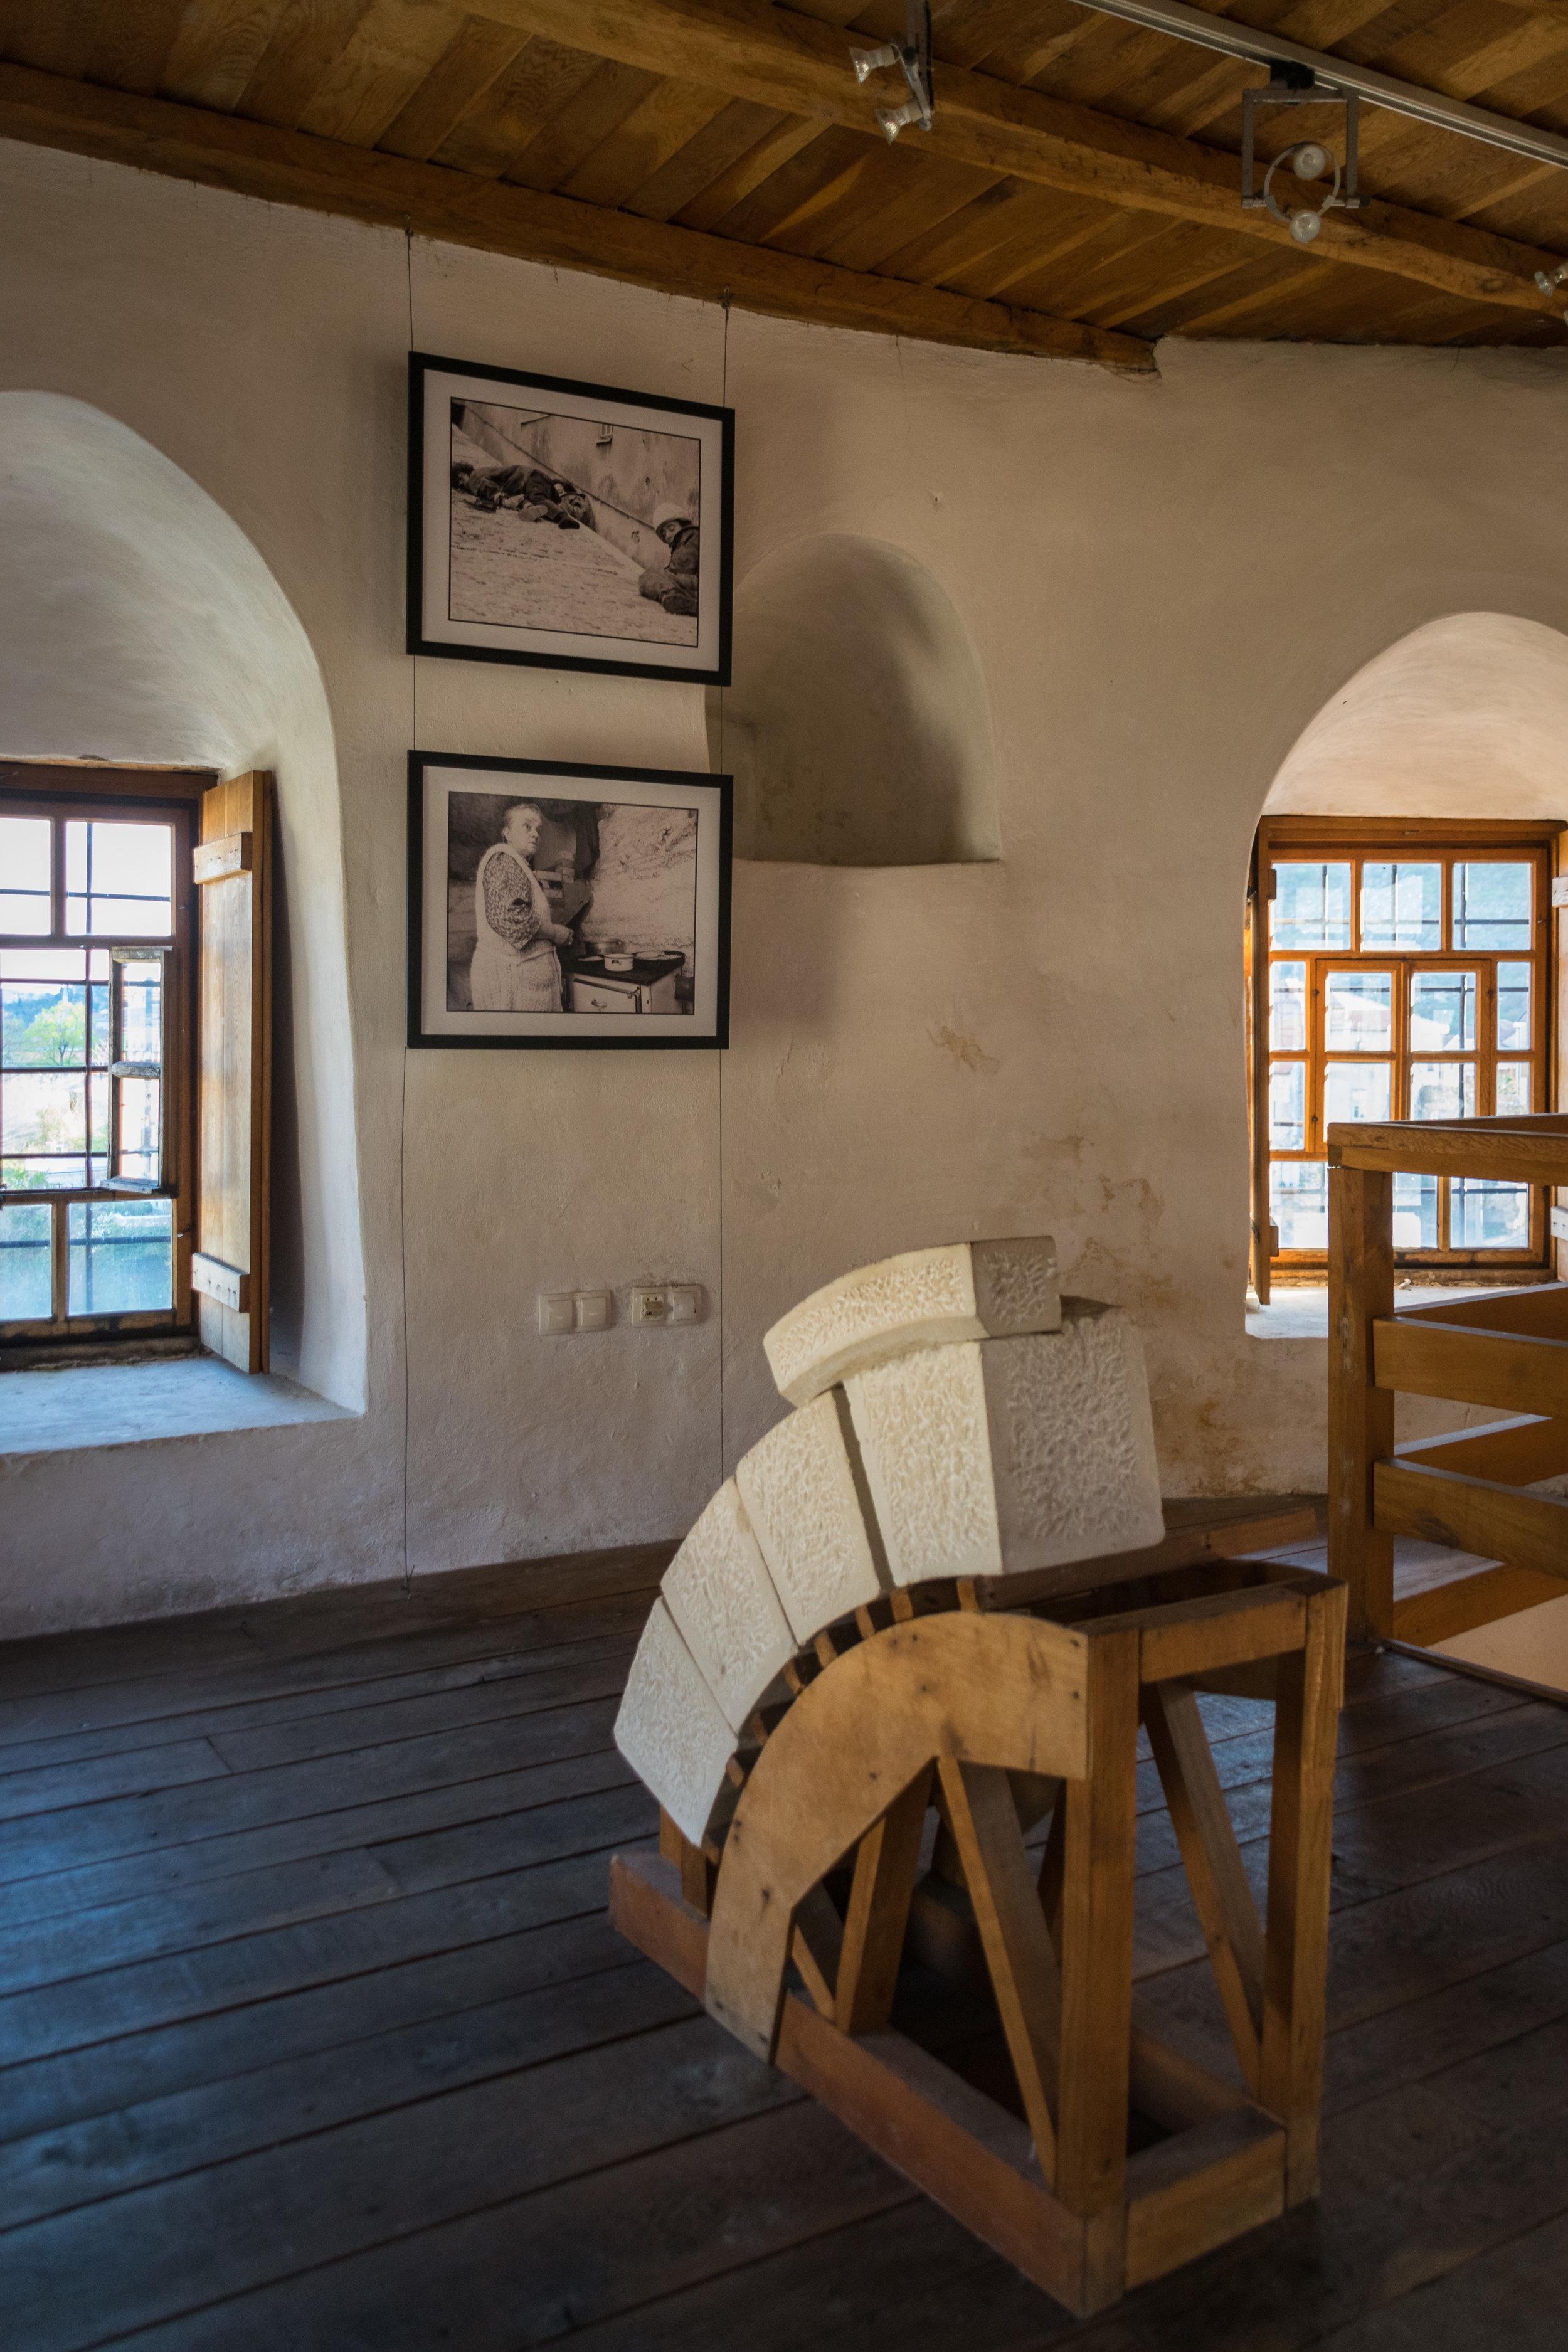 Mostar War Photo Exhibition-6.jpg